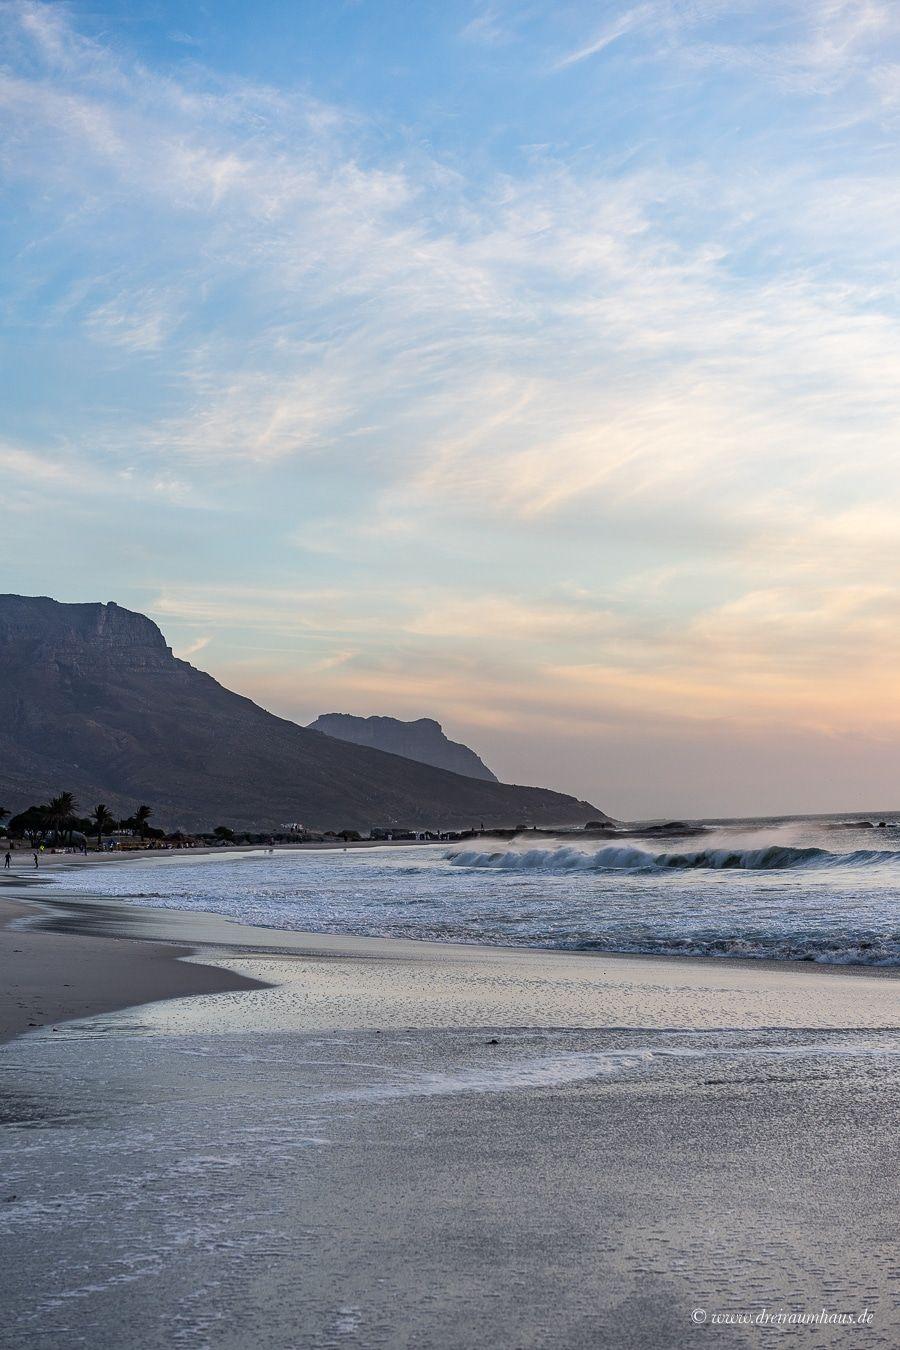 Südafrika #1 oder warum ich die Dame bei der Einreise anschreien wollte!